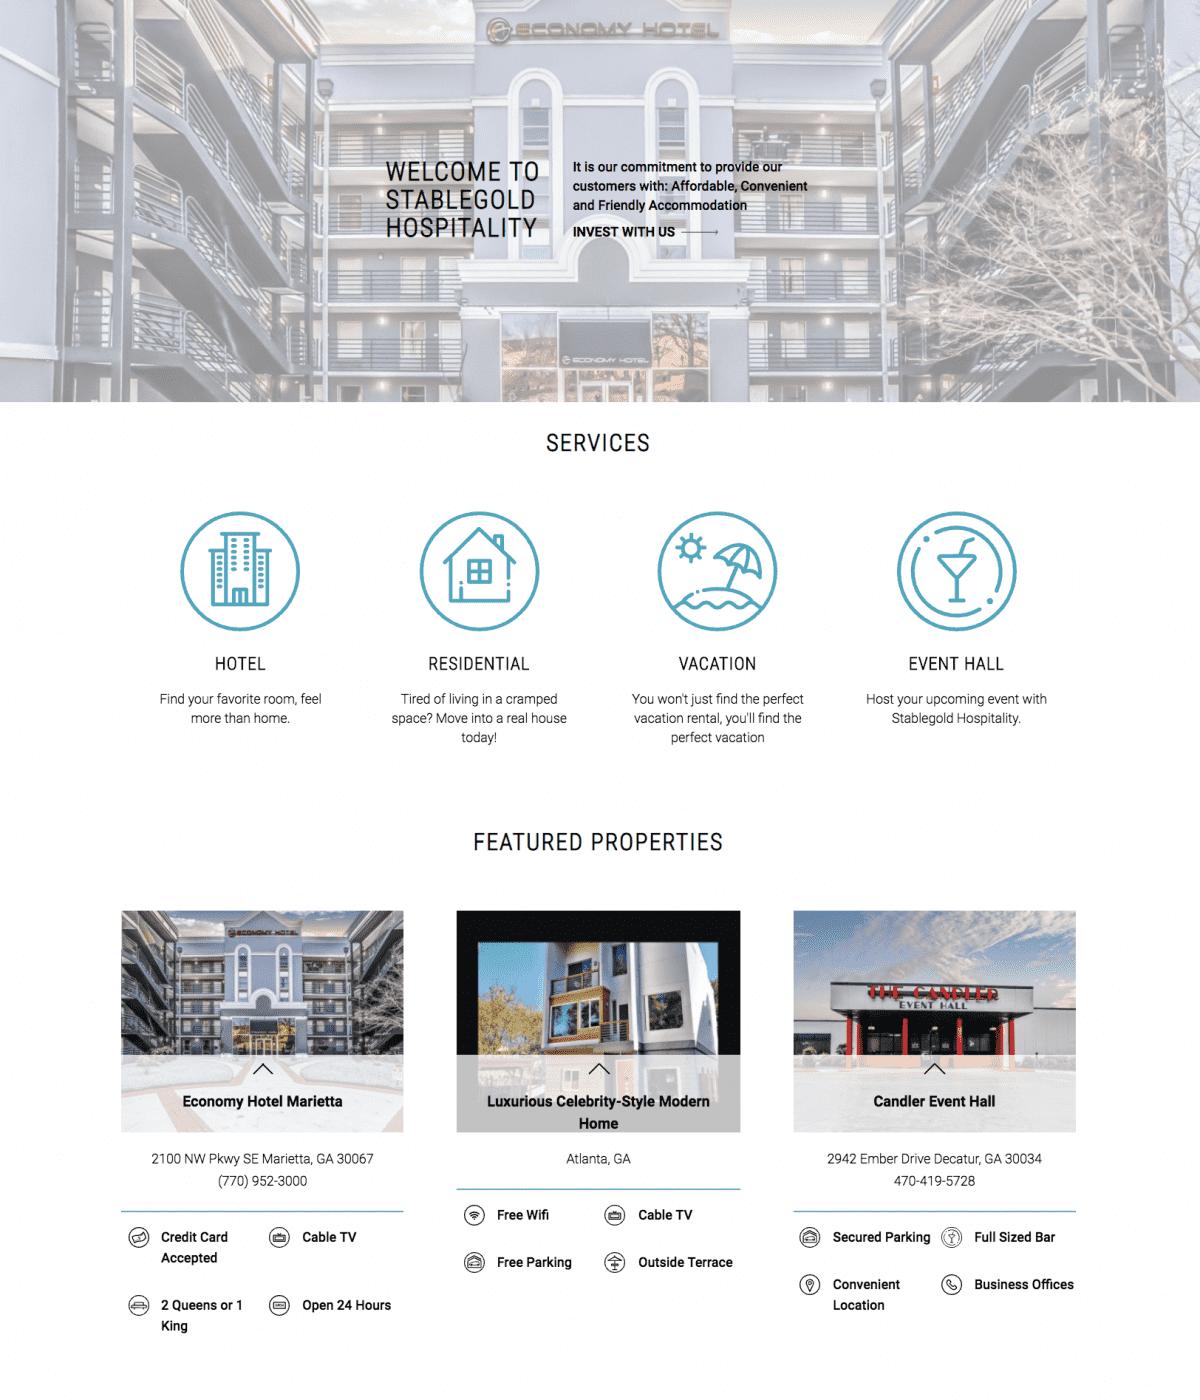 Image of website for Stablegold Hospitality